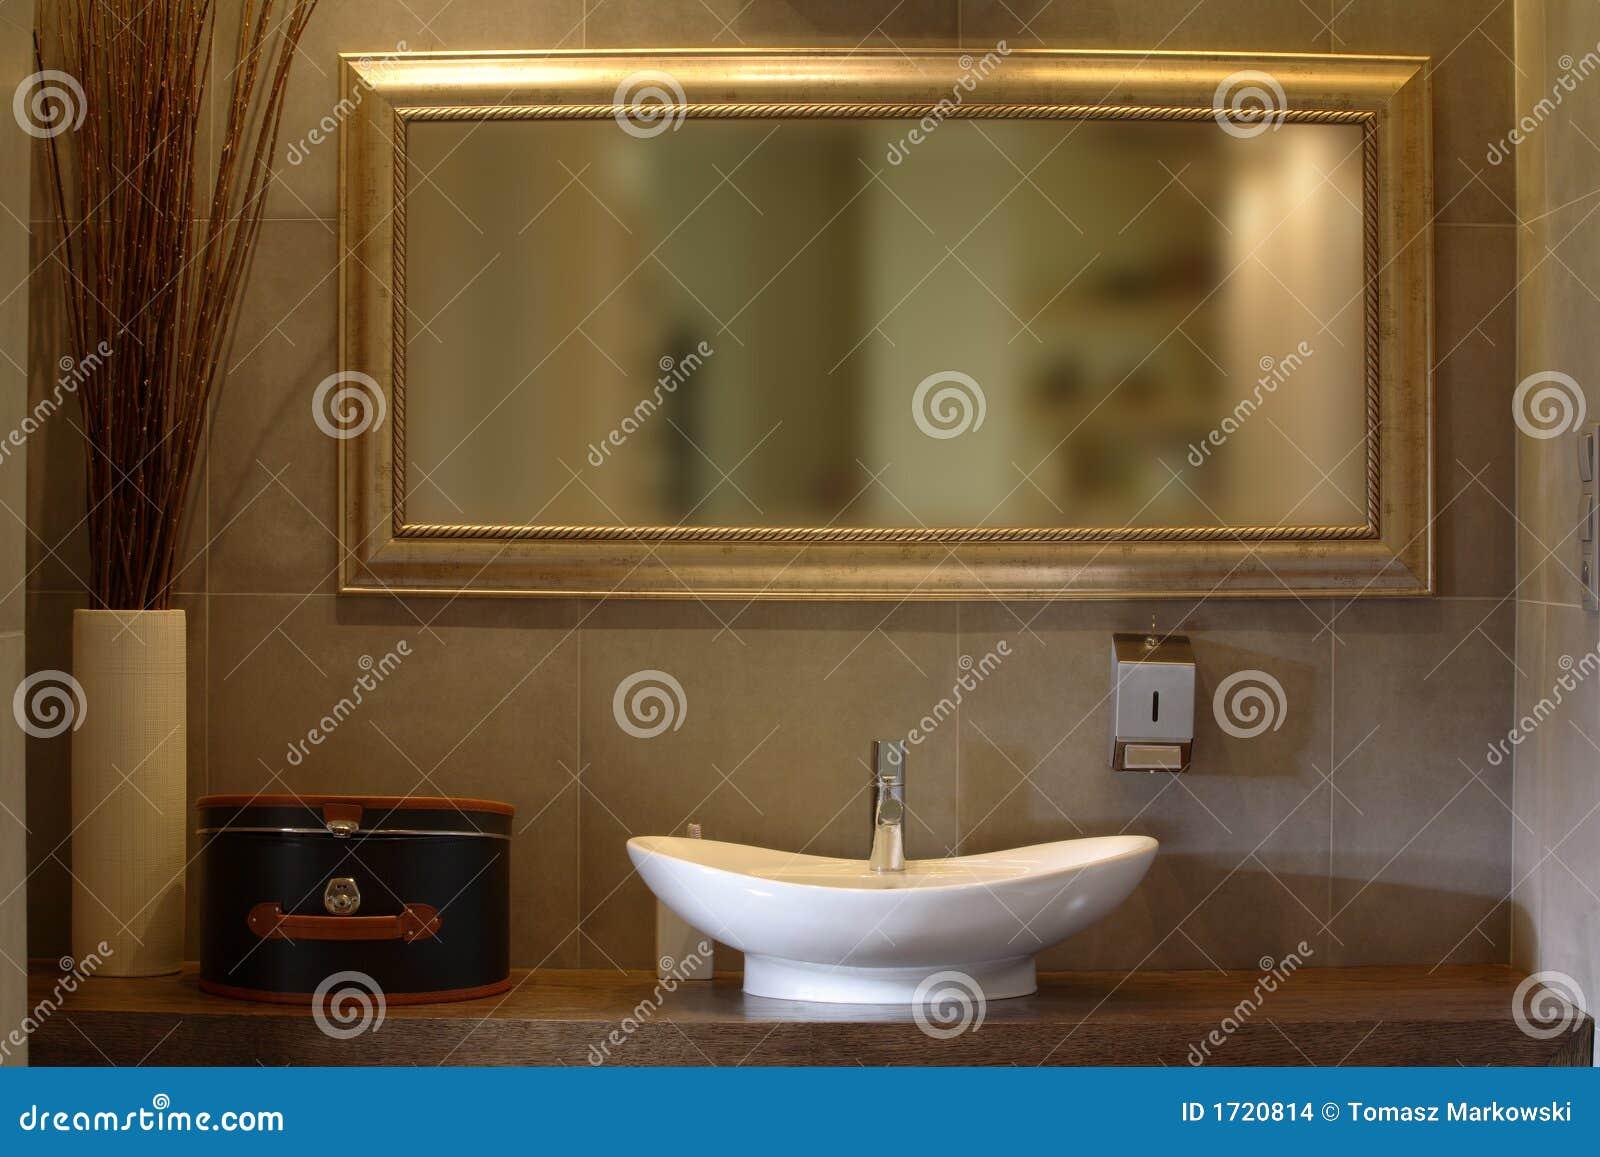 Salle De Bains De Luxe D 39 Appartement Images Stock Image